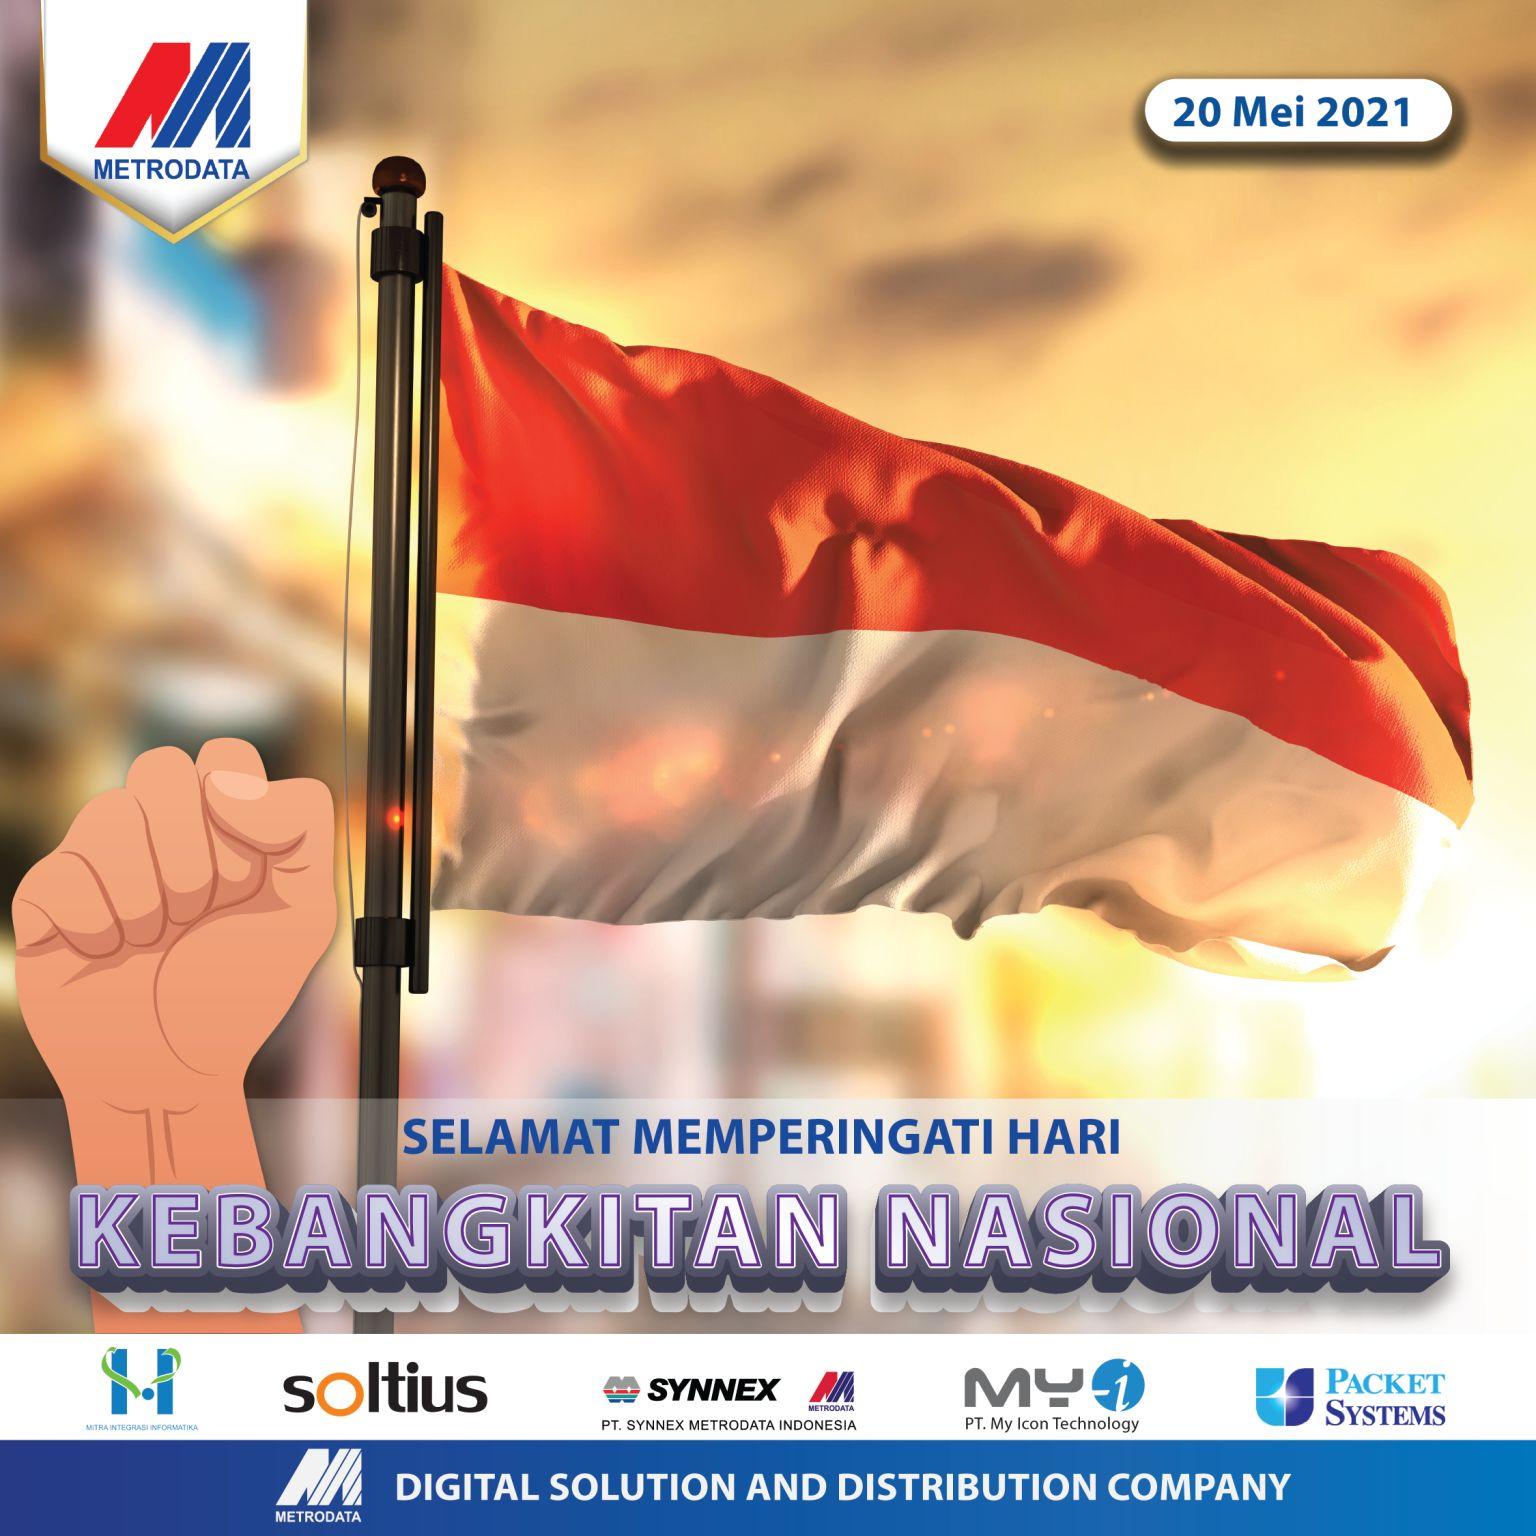 https://www.synnexmetrodata.com/wp-content/uploads/2021/05/EDM-Metrodata-Kebangkitan-Nasional.jpg